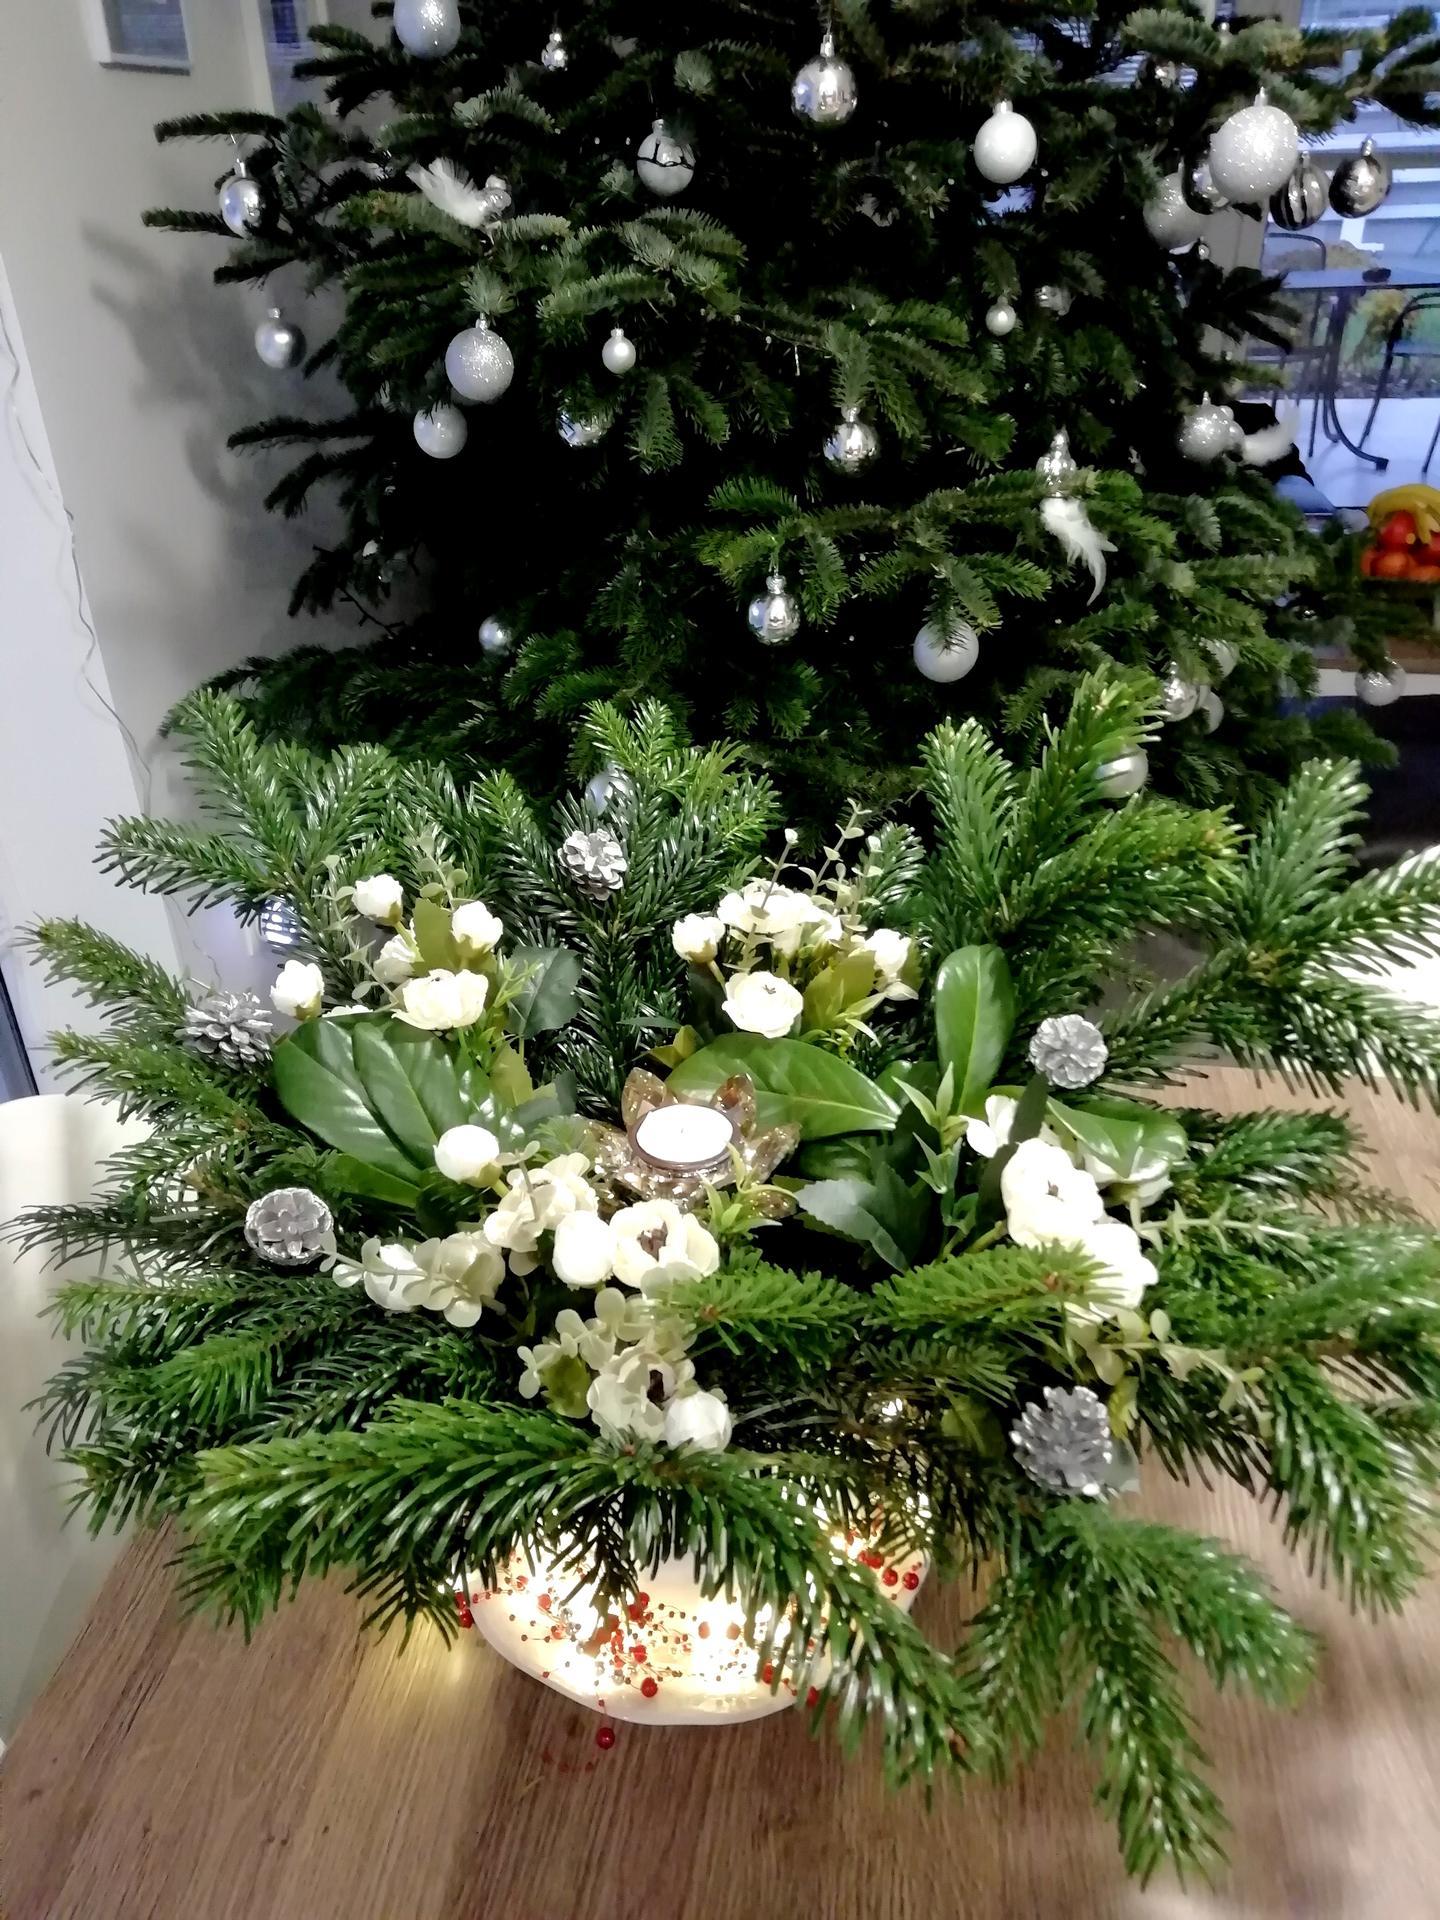 Vianočná výzdoba u nás. - Obrázok č. 2